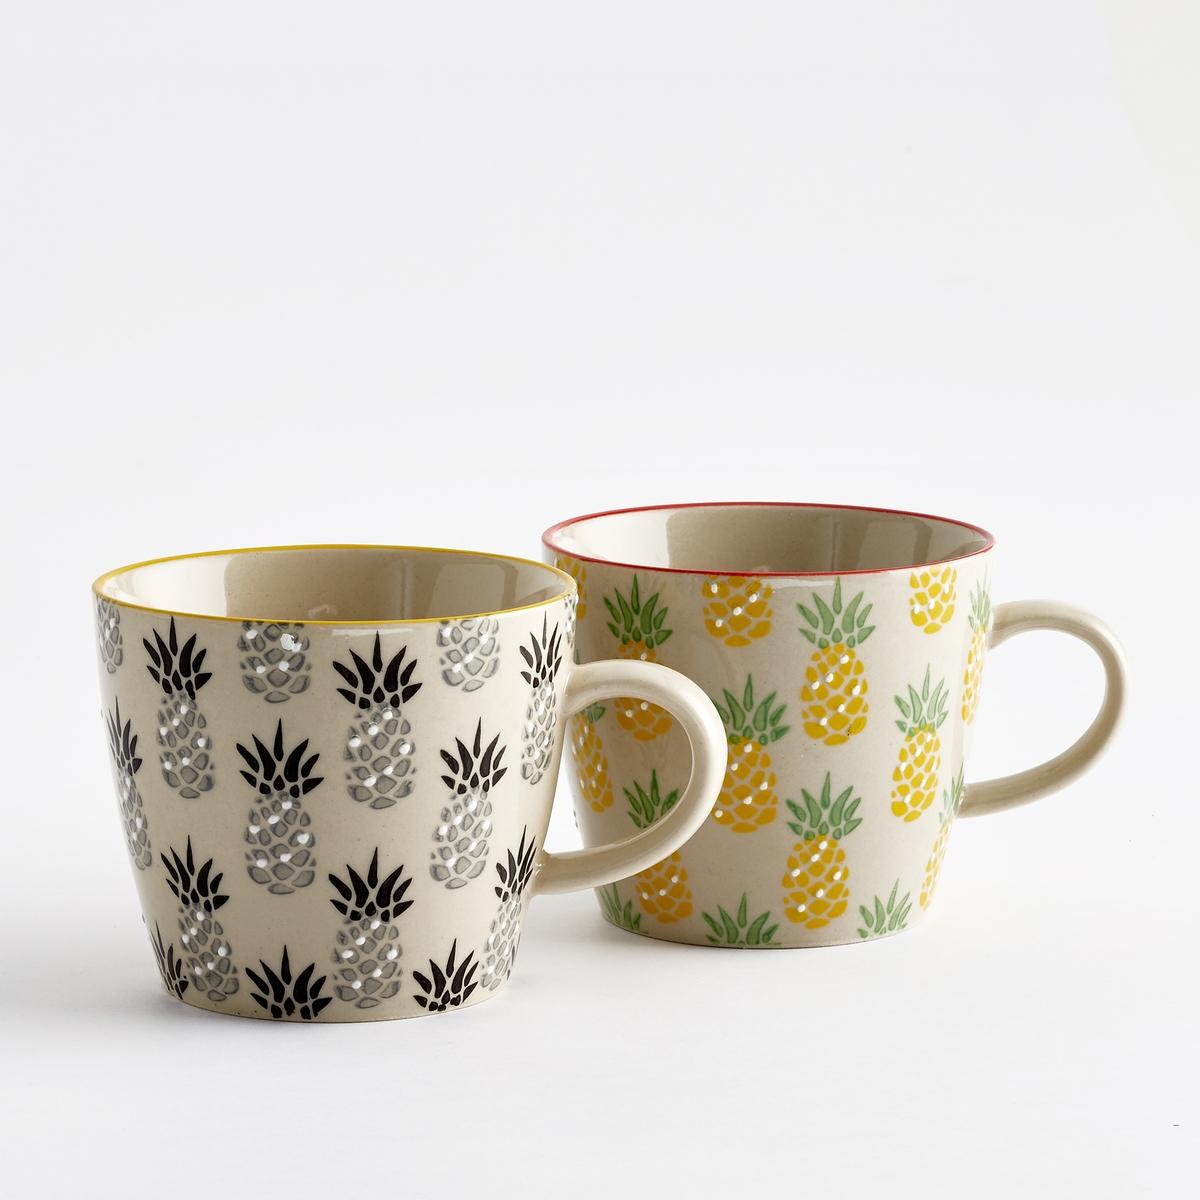 4 чашки из керамики TossitaХарактеристики 4 чашек из керамики Tossita :Рисунок ананас.Комплект из 4 чашек состоит из 2 чашек с рисунком ананас черного и серого цвета + 2 тарелки с рисунком зеленого и желтого цвета  Размеры 4 чашек из керамики Tossita :Диаметр. 9,5 x высота 8 см.Другие чашки и наши коллекции предметов декора стола вы можете найти на сайте laredoute.ru<br><br>Цвет: набивной рисунок